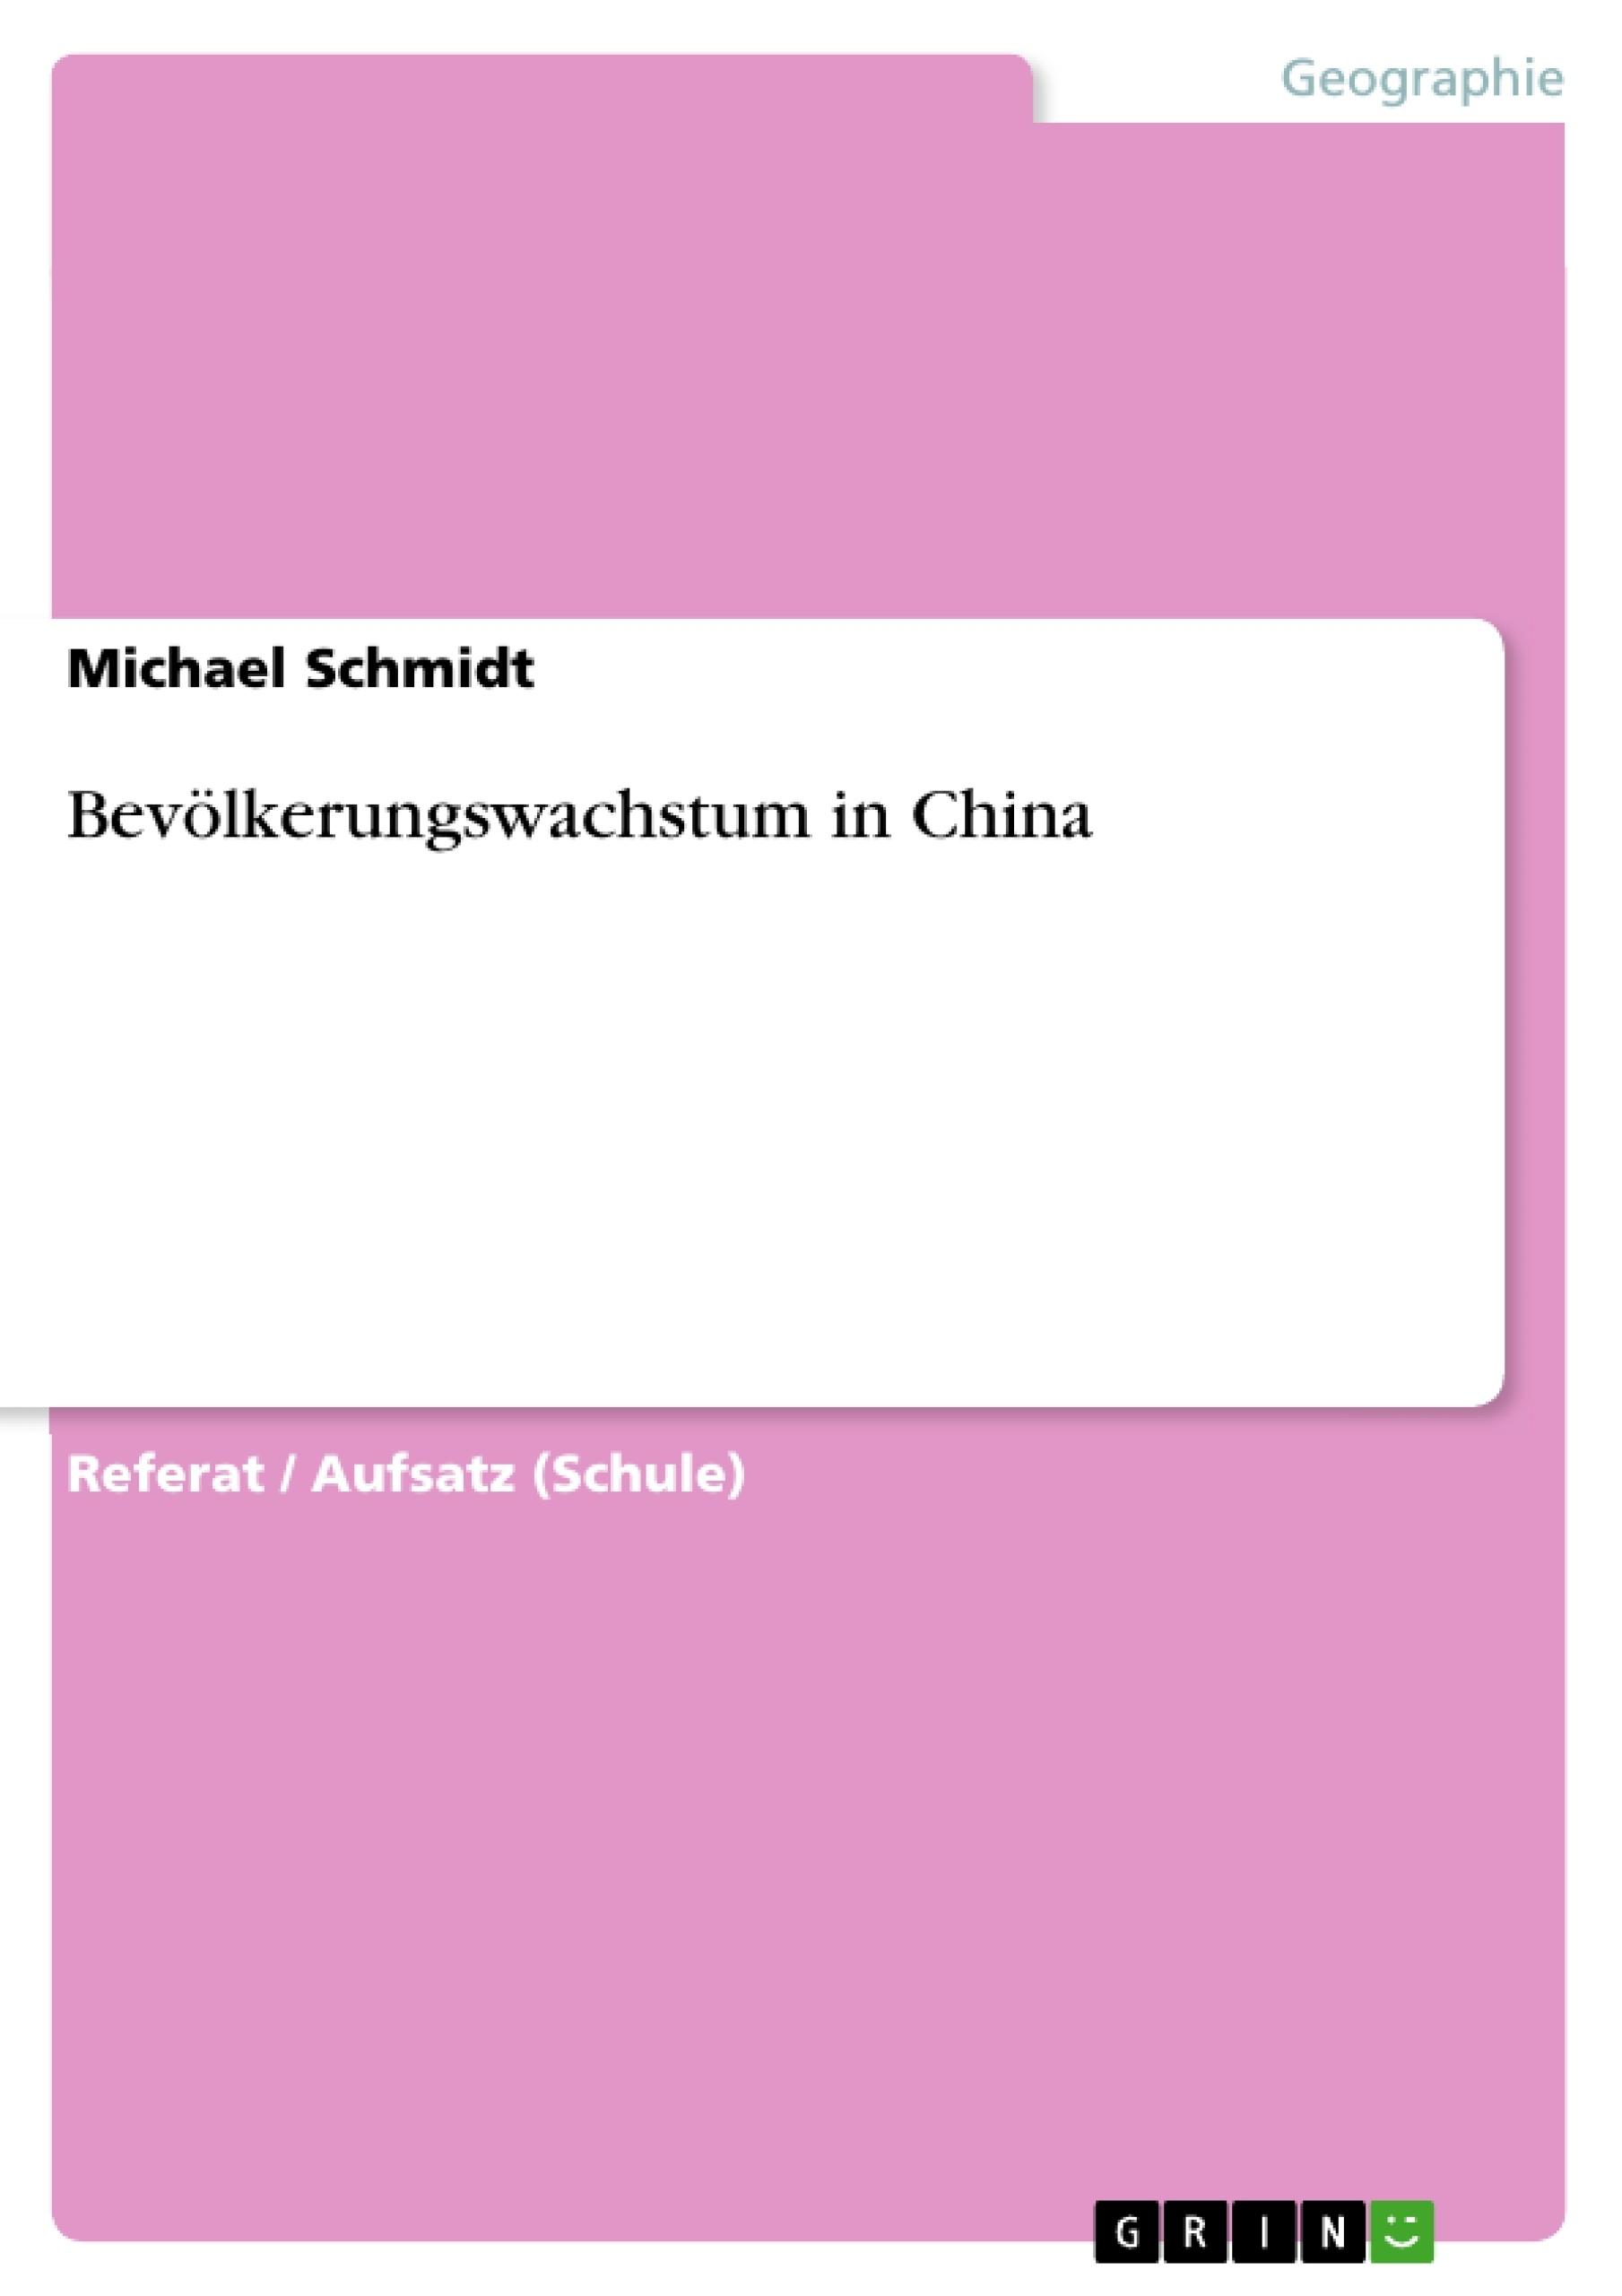 Titel: Bevölkerungswachstum in China